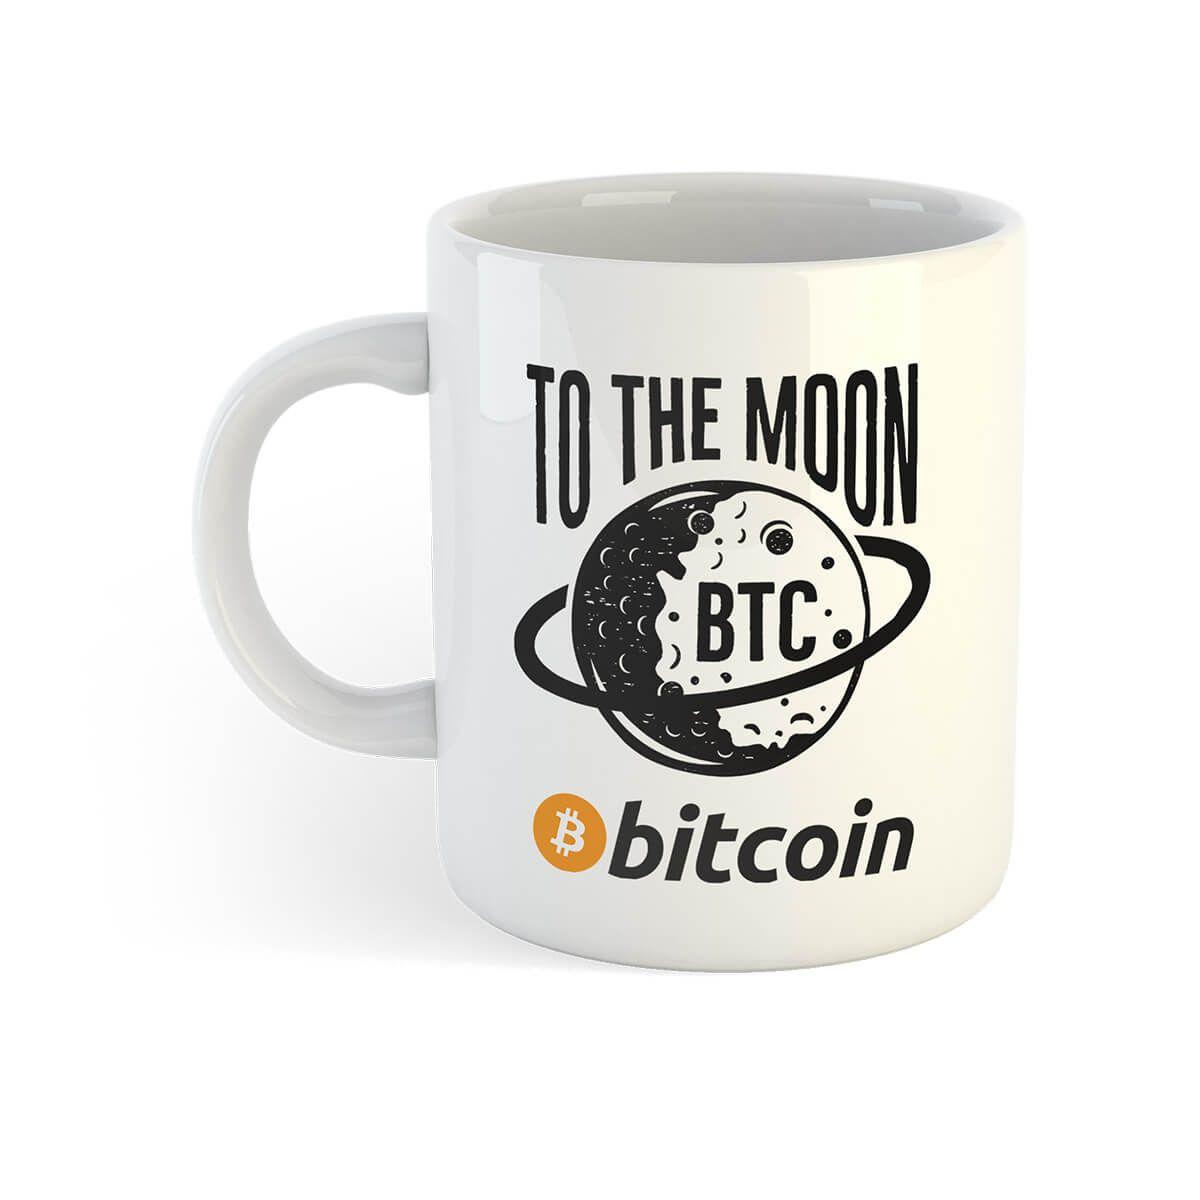 To The Moon Bitcoin Mug Bitcoin Mug, Crypto Mug, Bitcoin